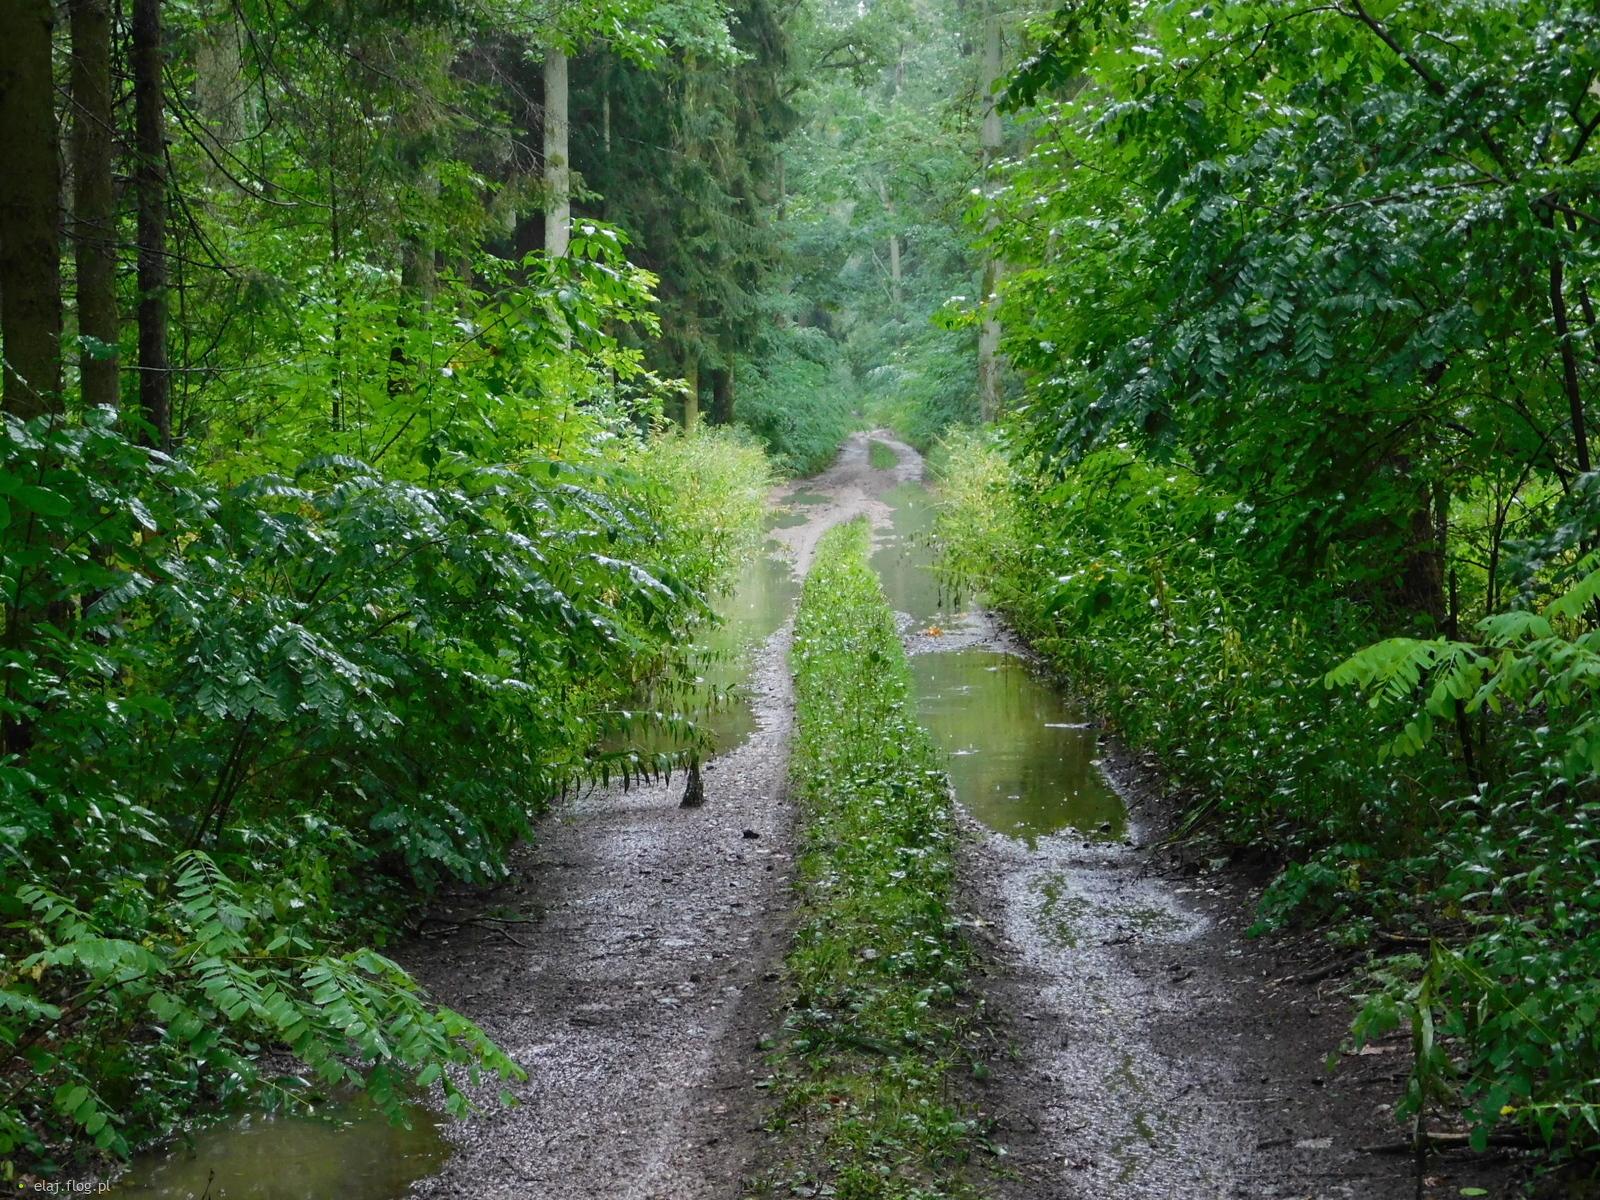 Deszczowy spacer przez Lasy Pomiechowskie